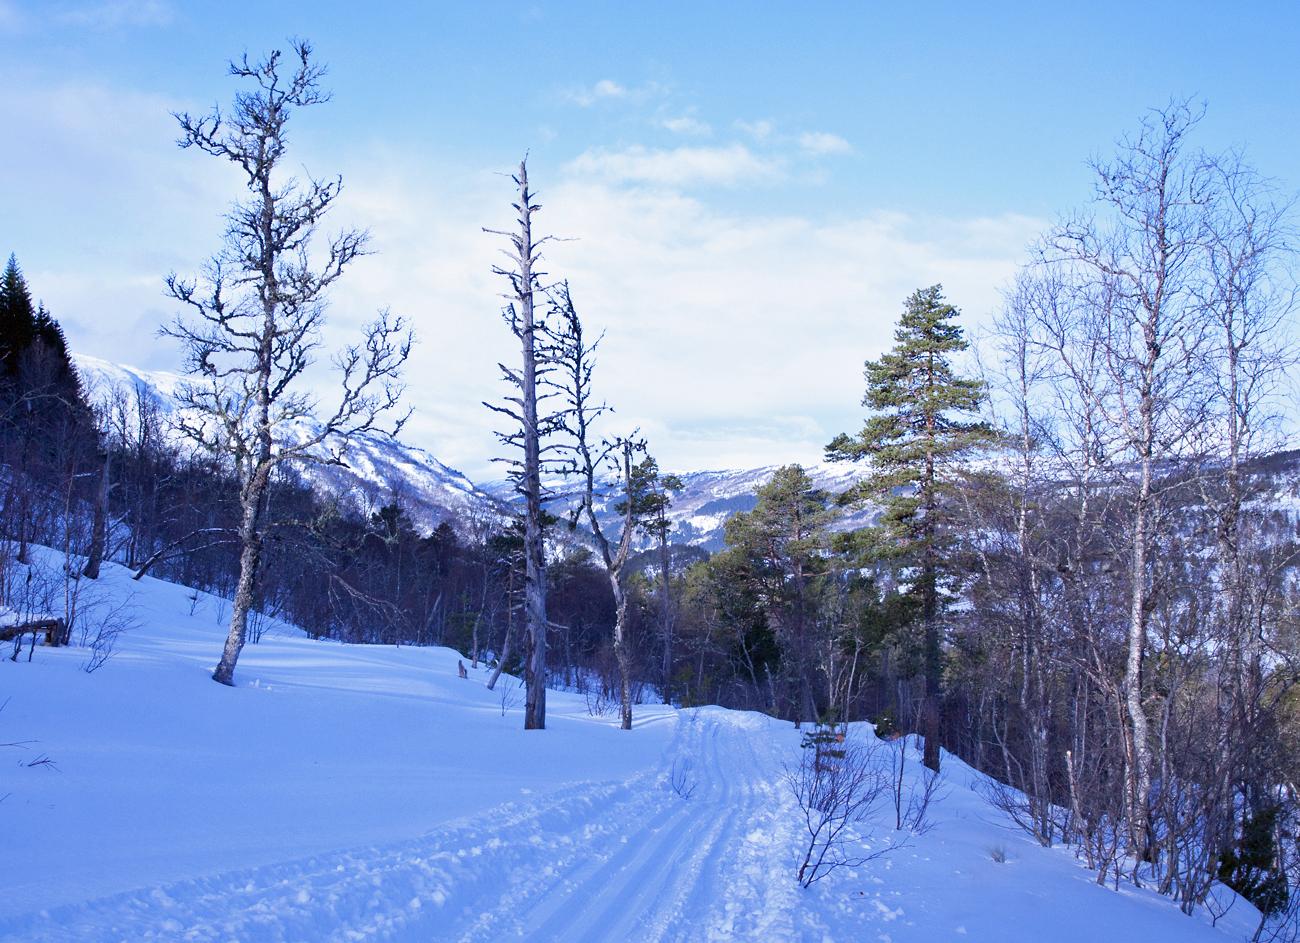 170321b-skispor.jpg